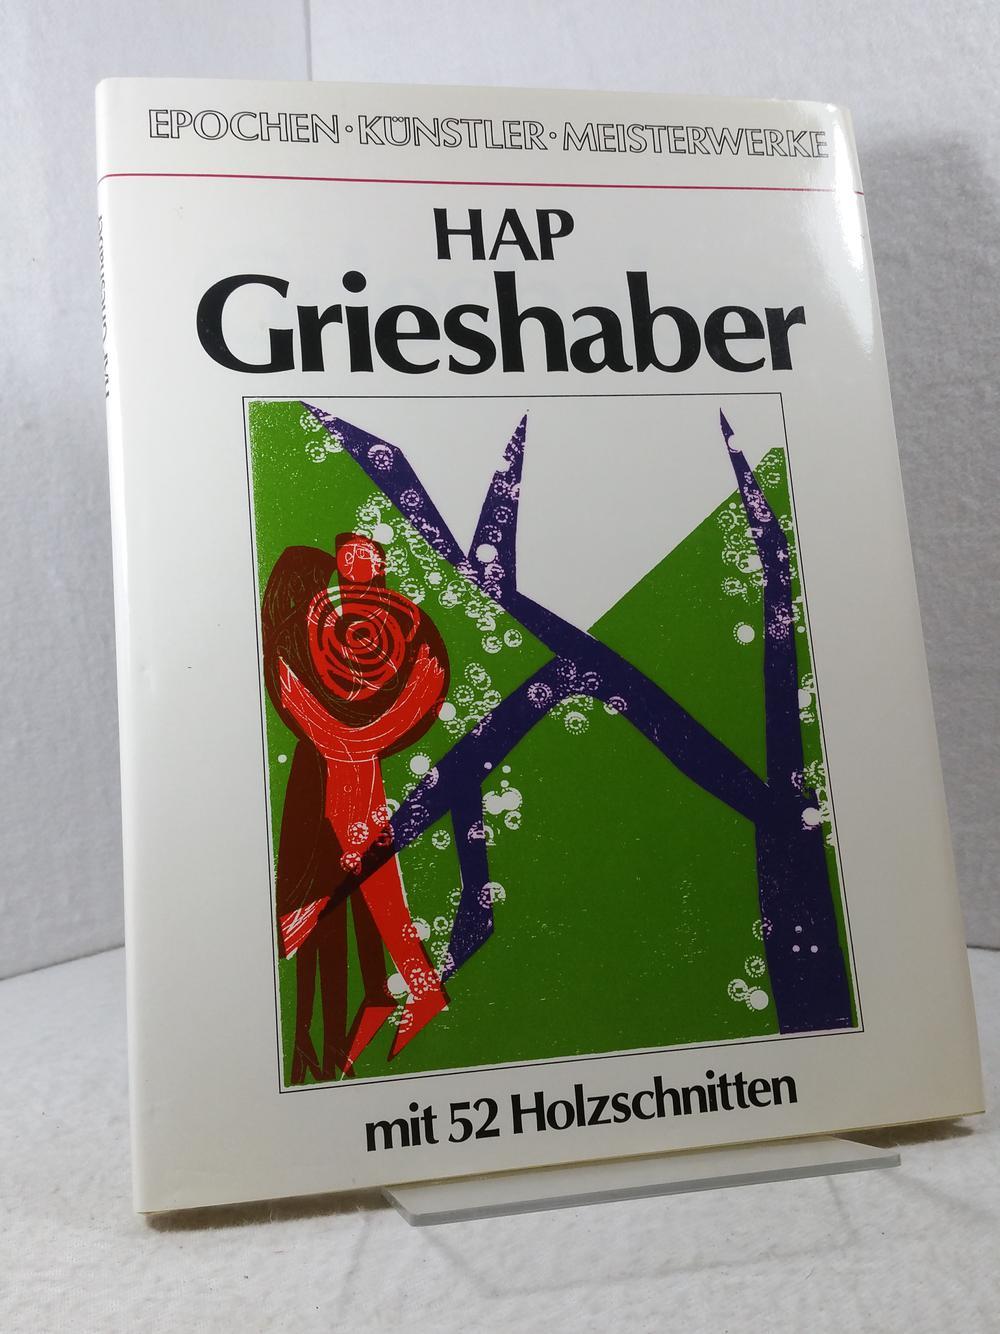 HAP Grieshaber. Herausgegeben von Heinz Spielmann -: Grieshaber, HAP: